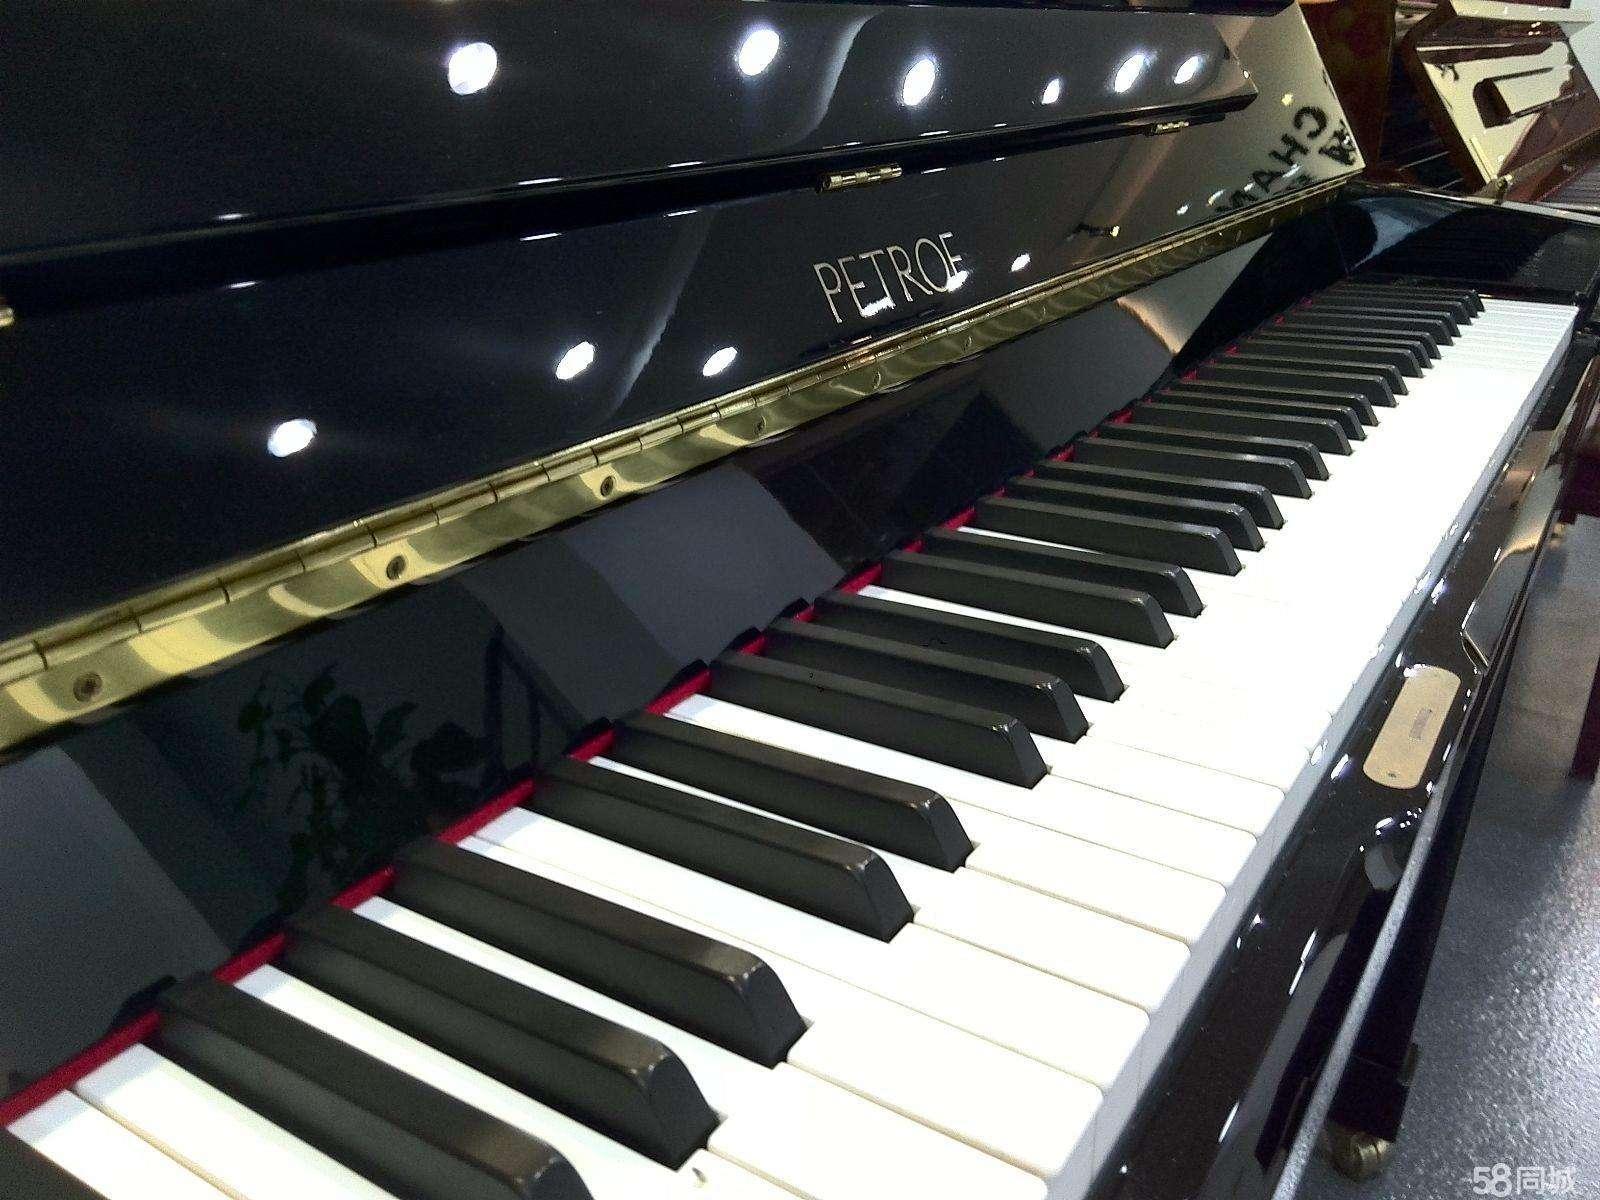 珠江德华琴行有品质的新疆珠江钢琴供应 里特米勒钢琴